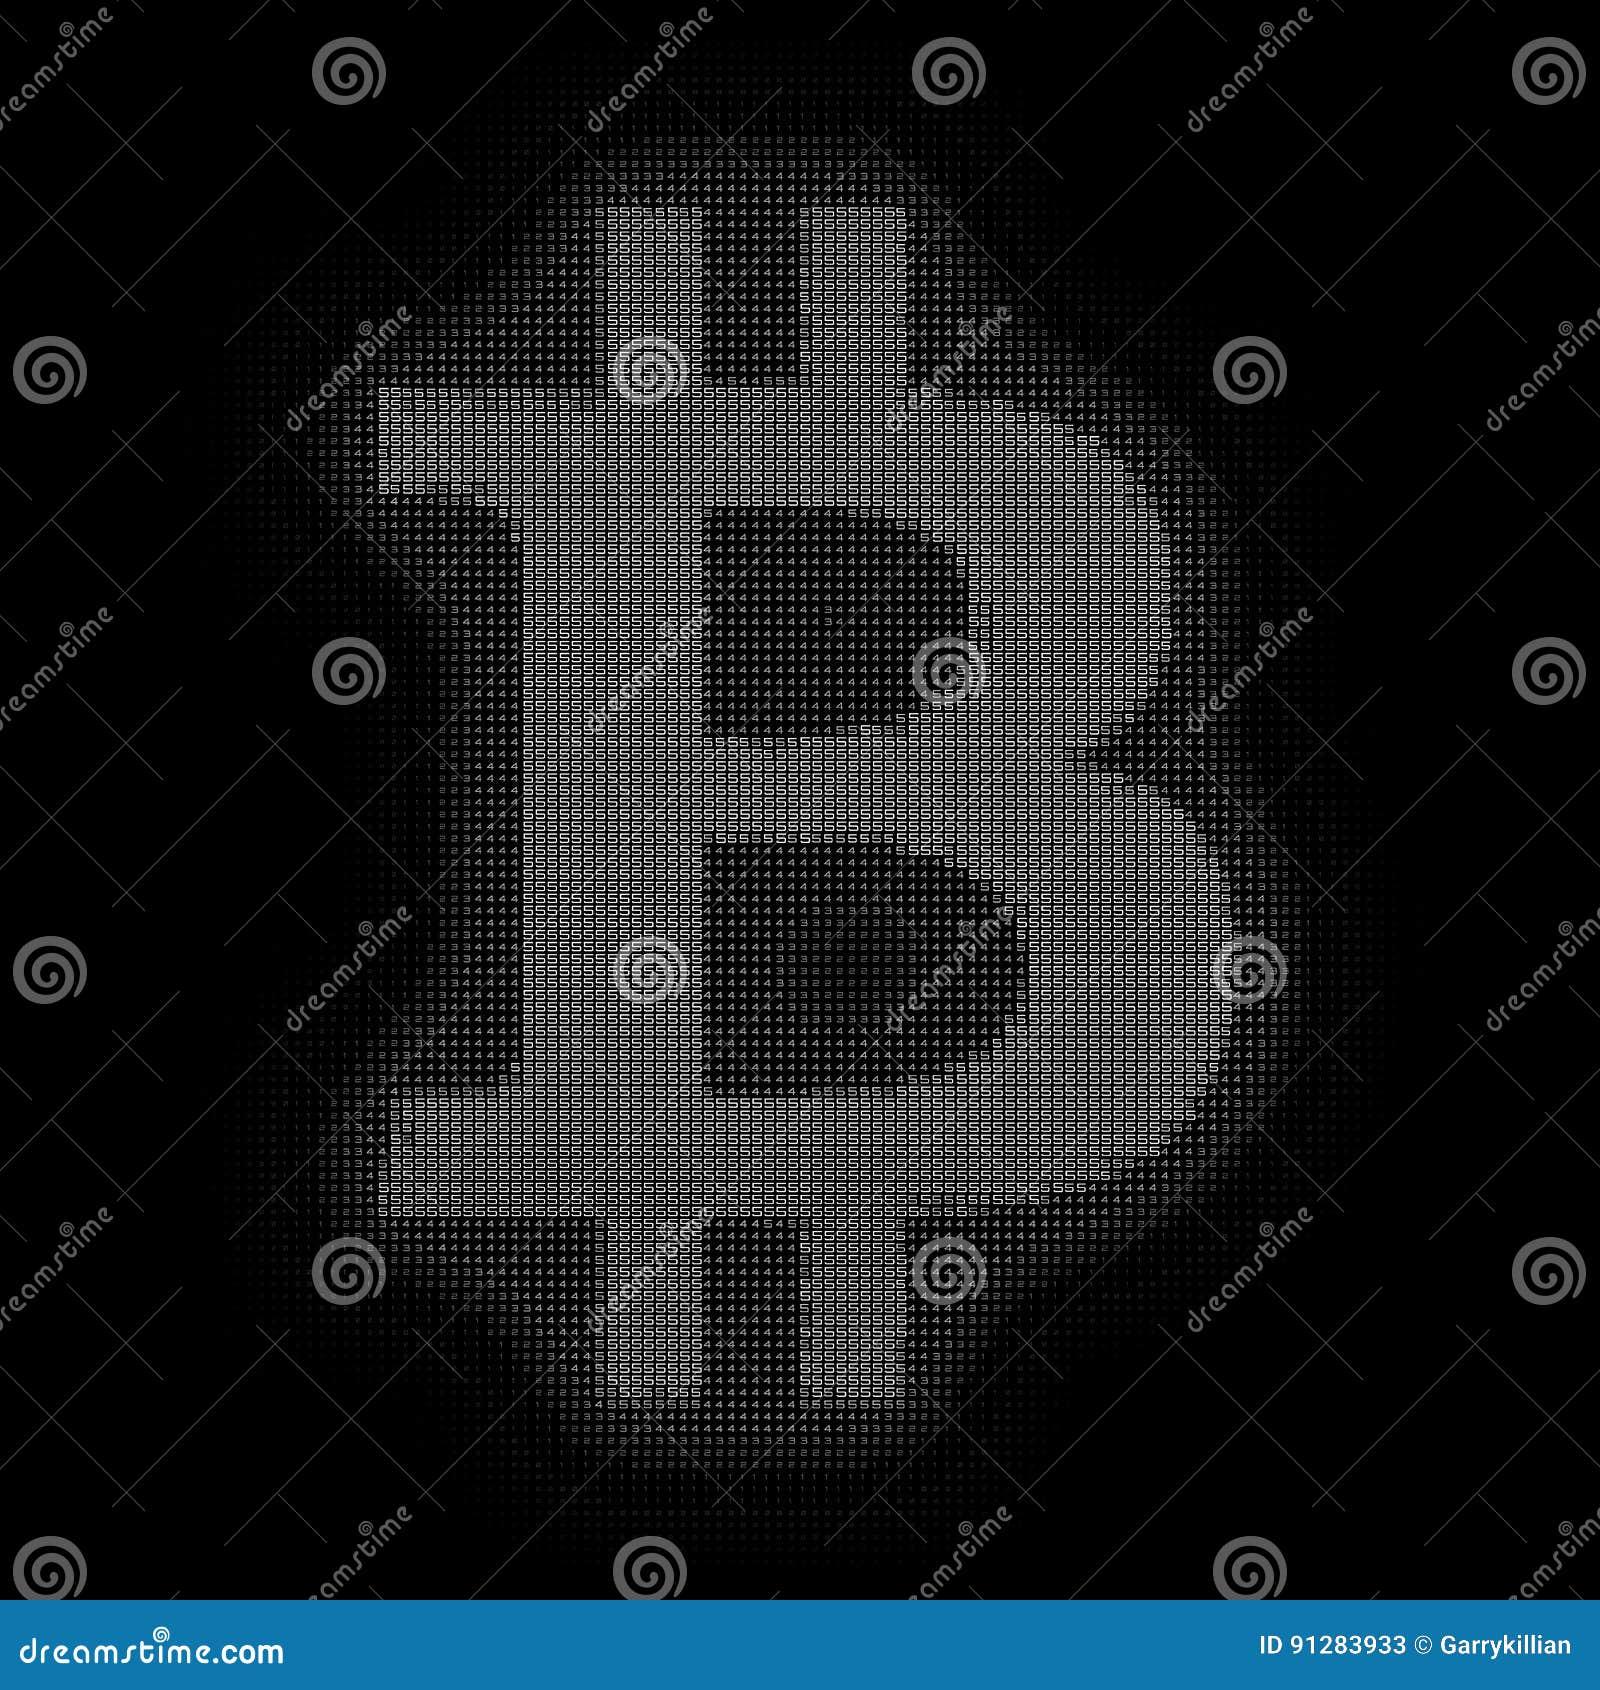 VektorgråtonBitcoin symbol som konstrueras med nummer Bitcoin blockchainöverföring Framställning för datorkod